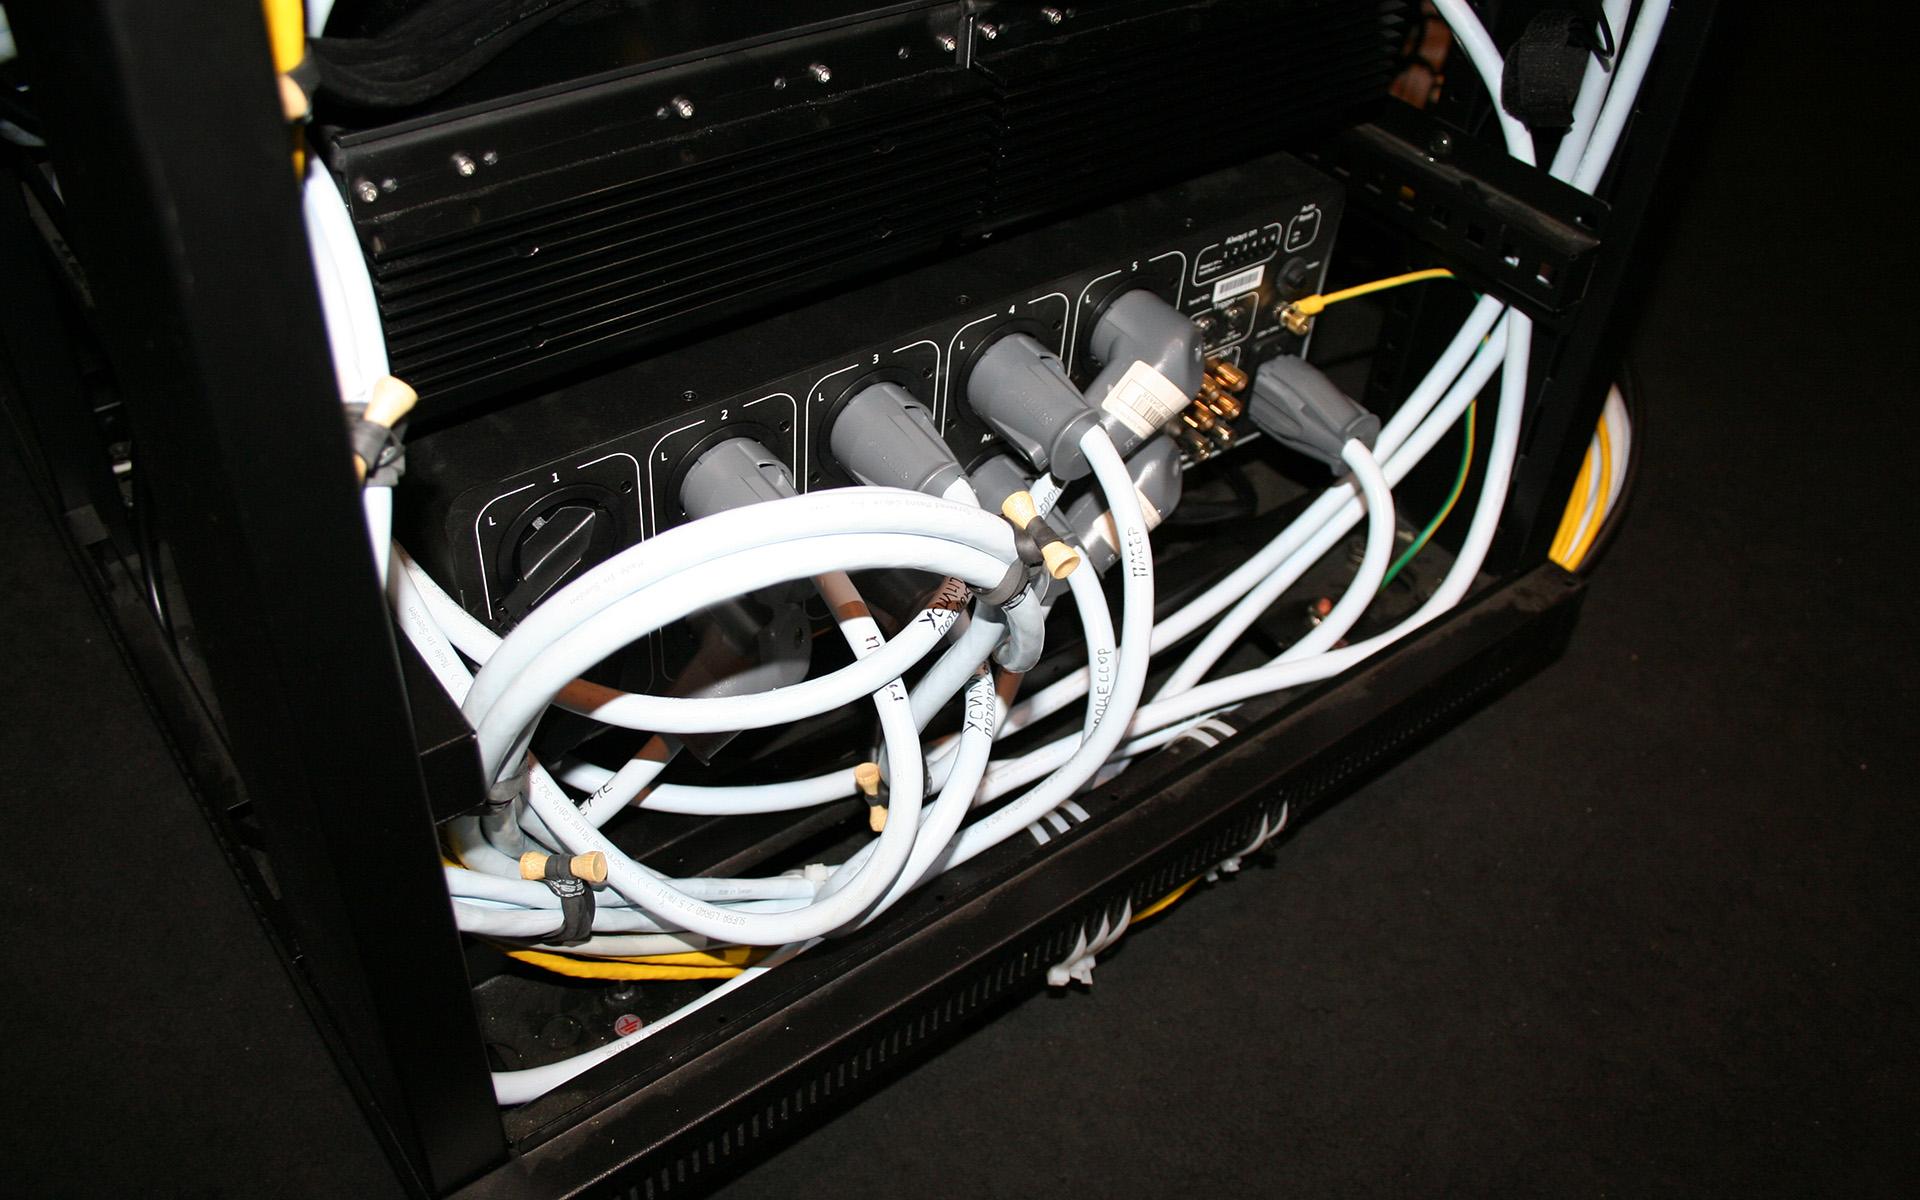 Вся система подключается к одной неподготовленной розетке через консоль электропитания POWERGRIP YG-1